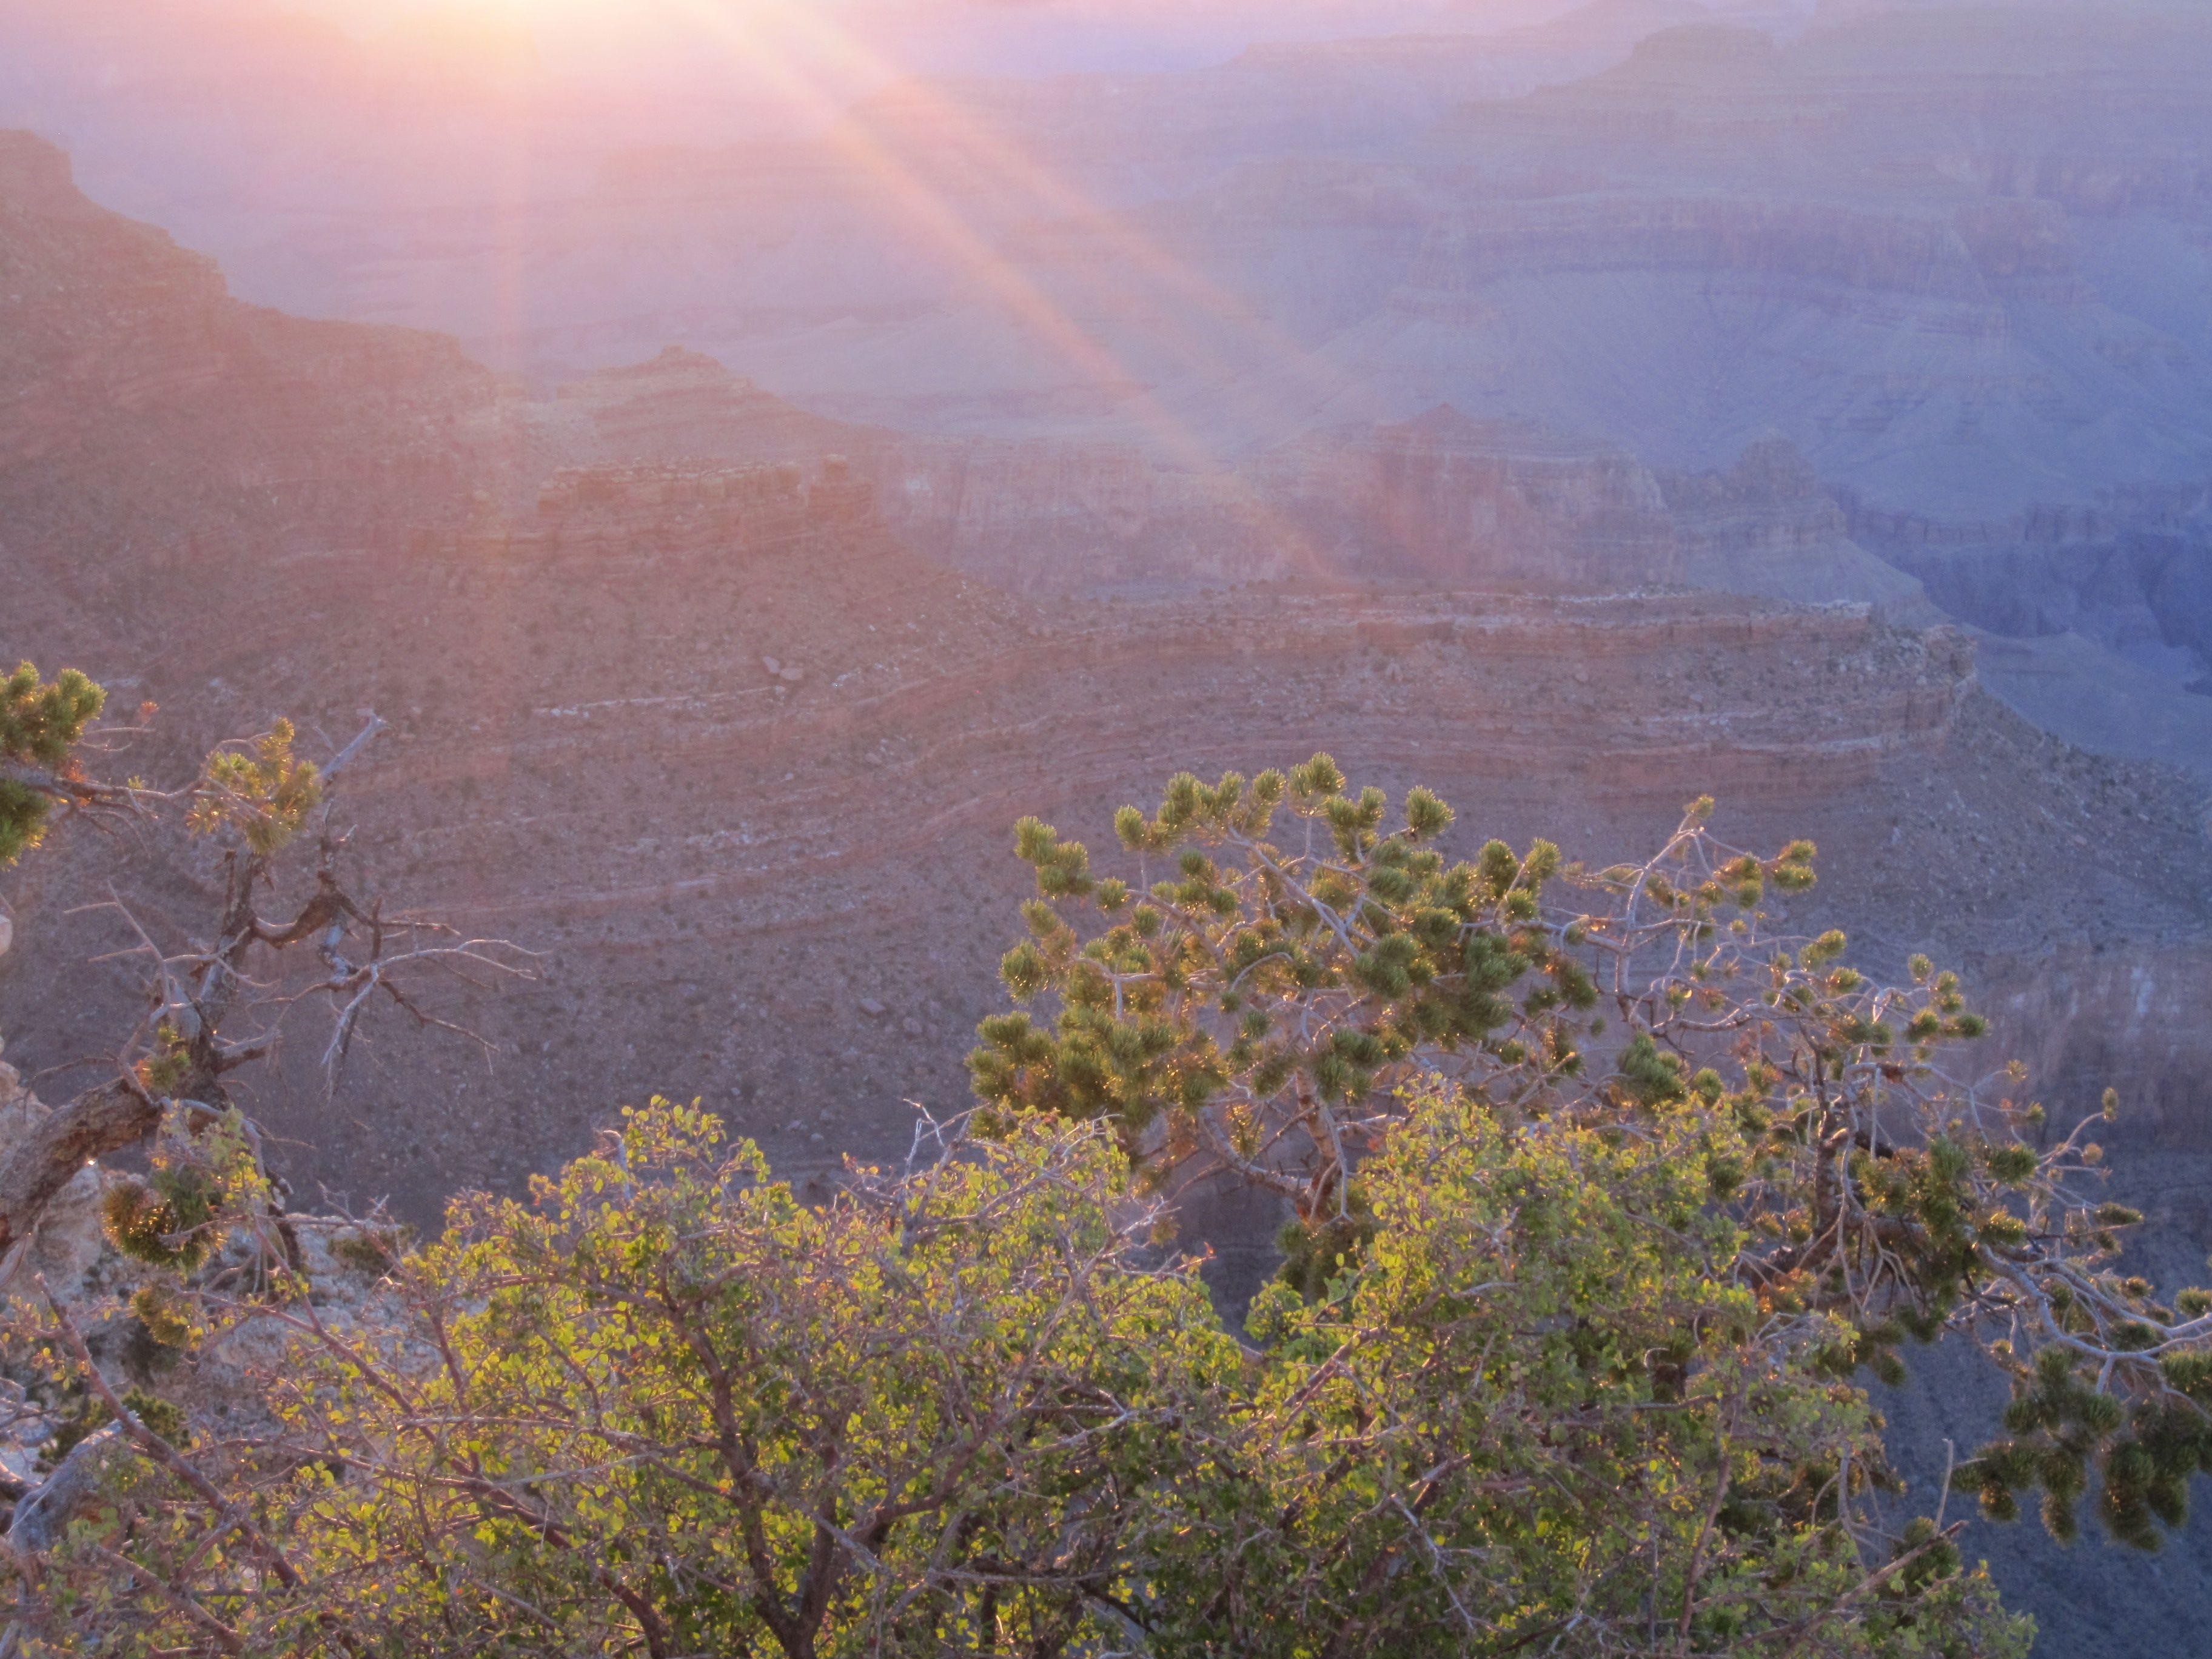 Grand Canyon at Sunset. Photo by Linda Pacienza